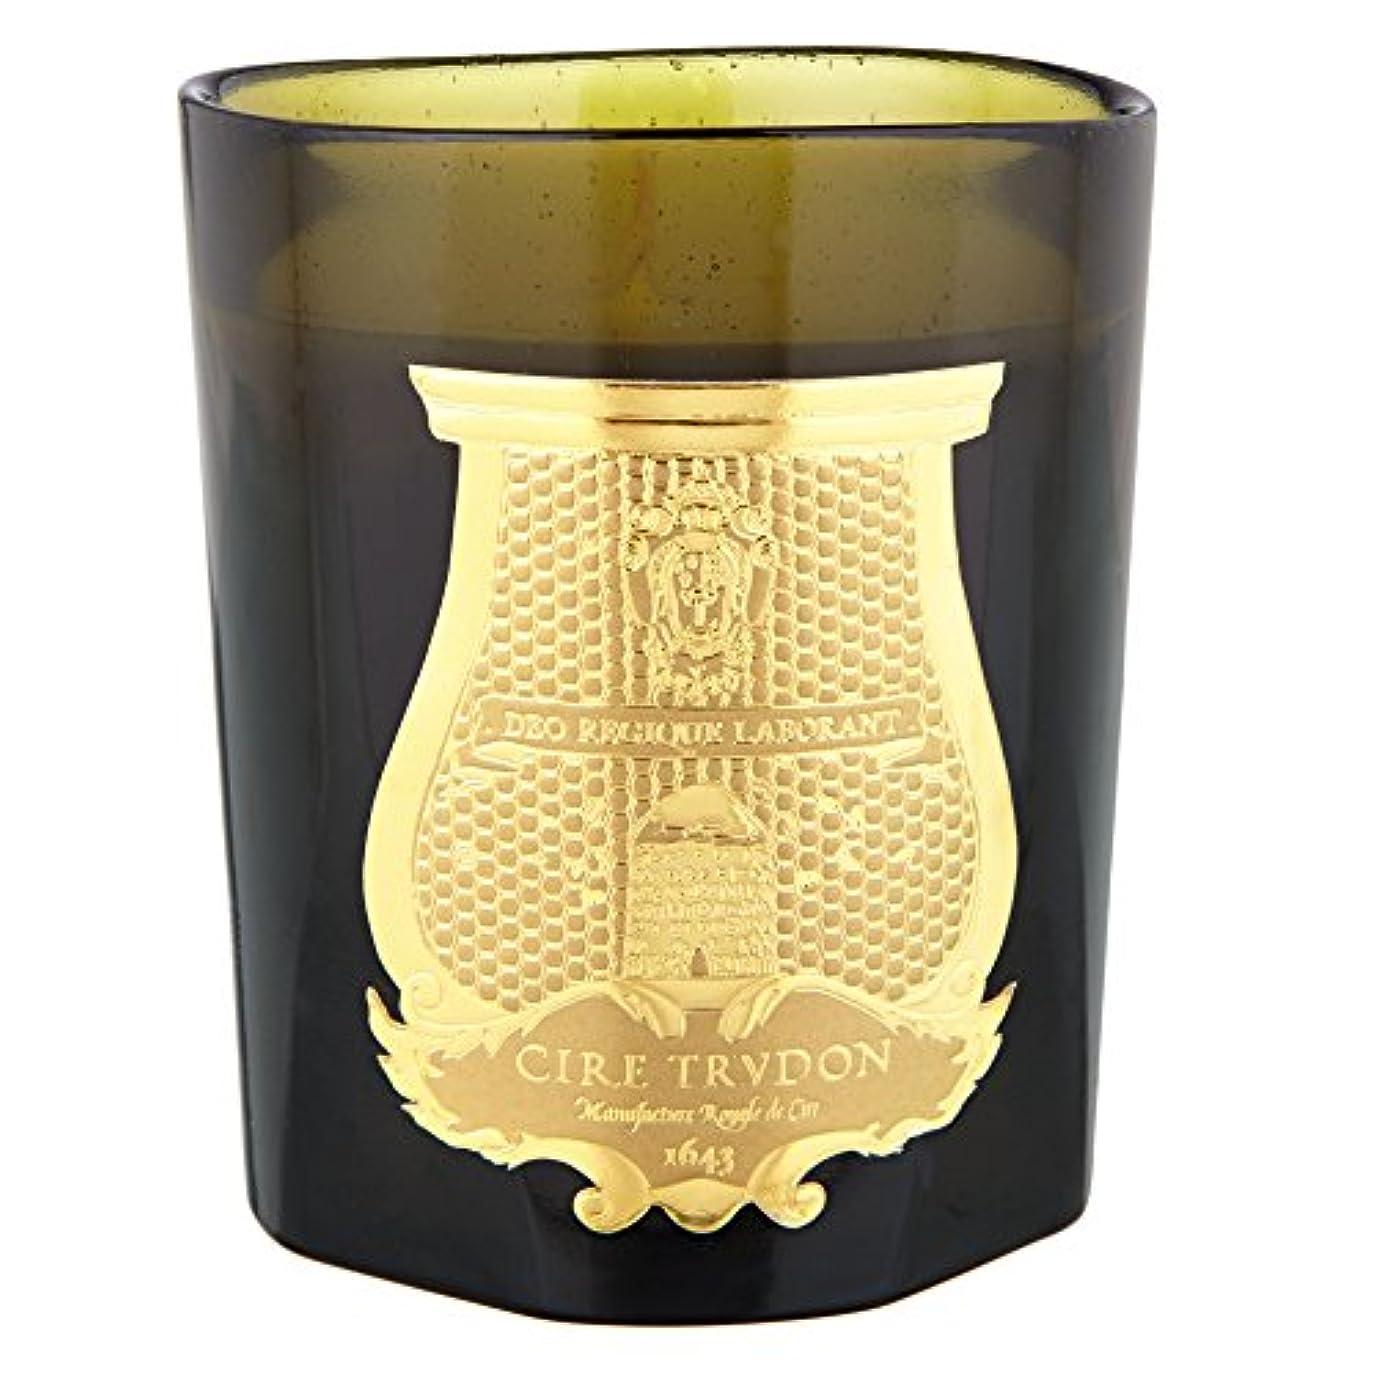 監督する群集ハッチCire Trudon Proletaire Scented Candle (Pack of 2) - Cire Trudon Proletaire香りのキャンドル (Cire Trudon) (x2) [並行輸入品]